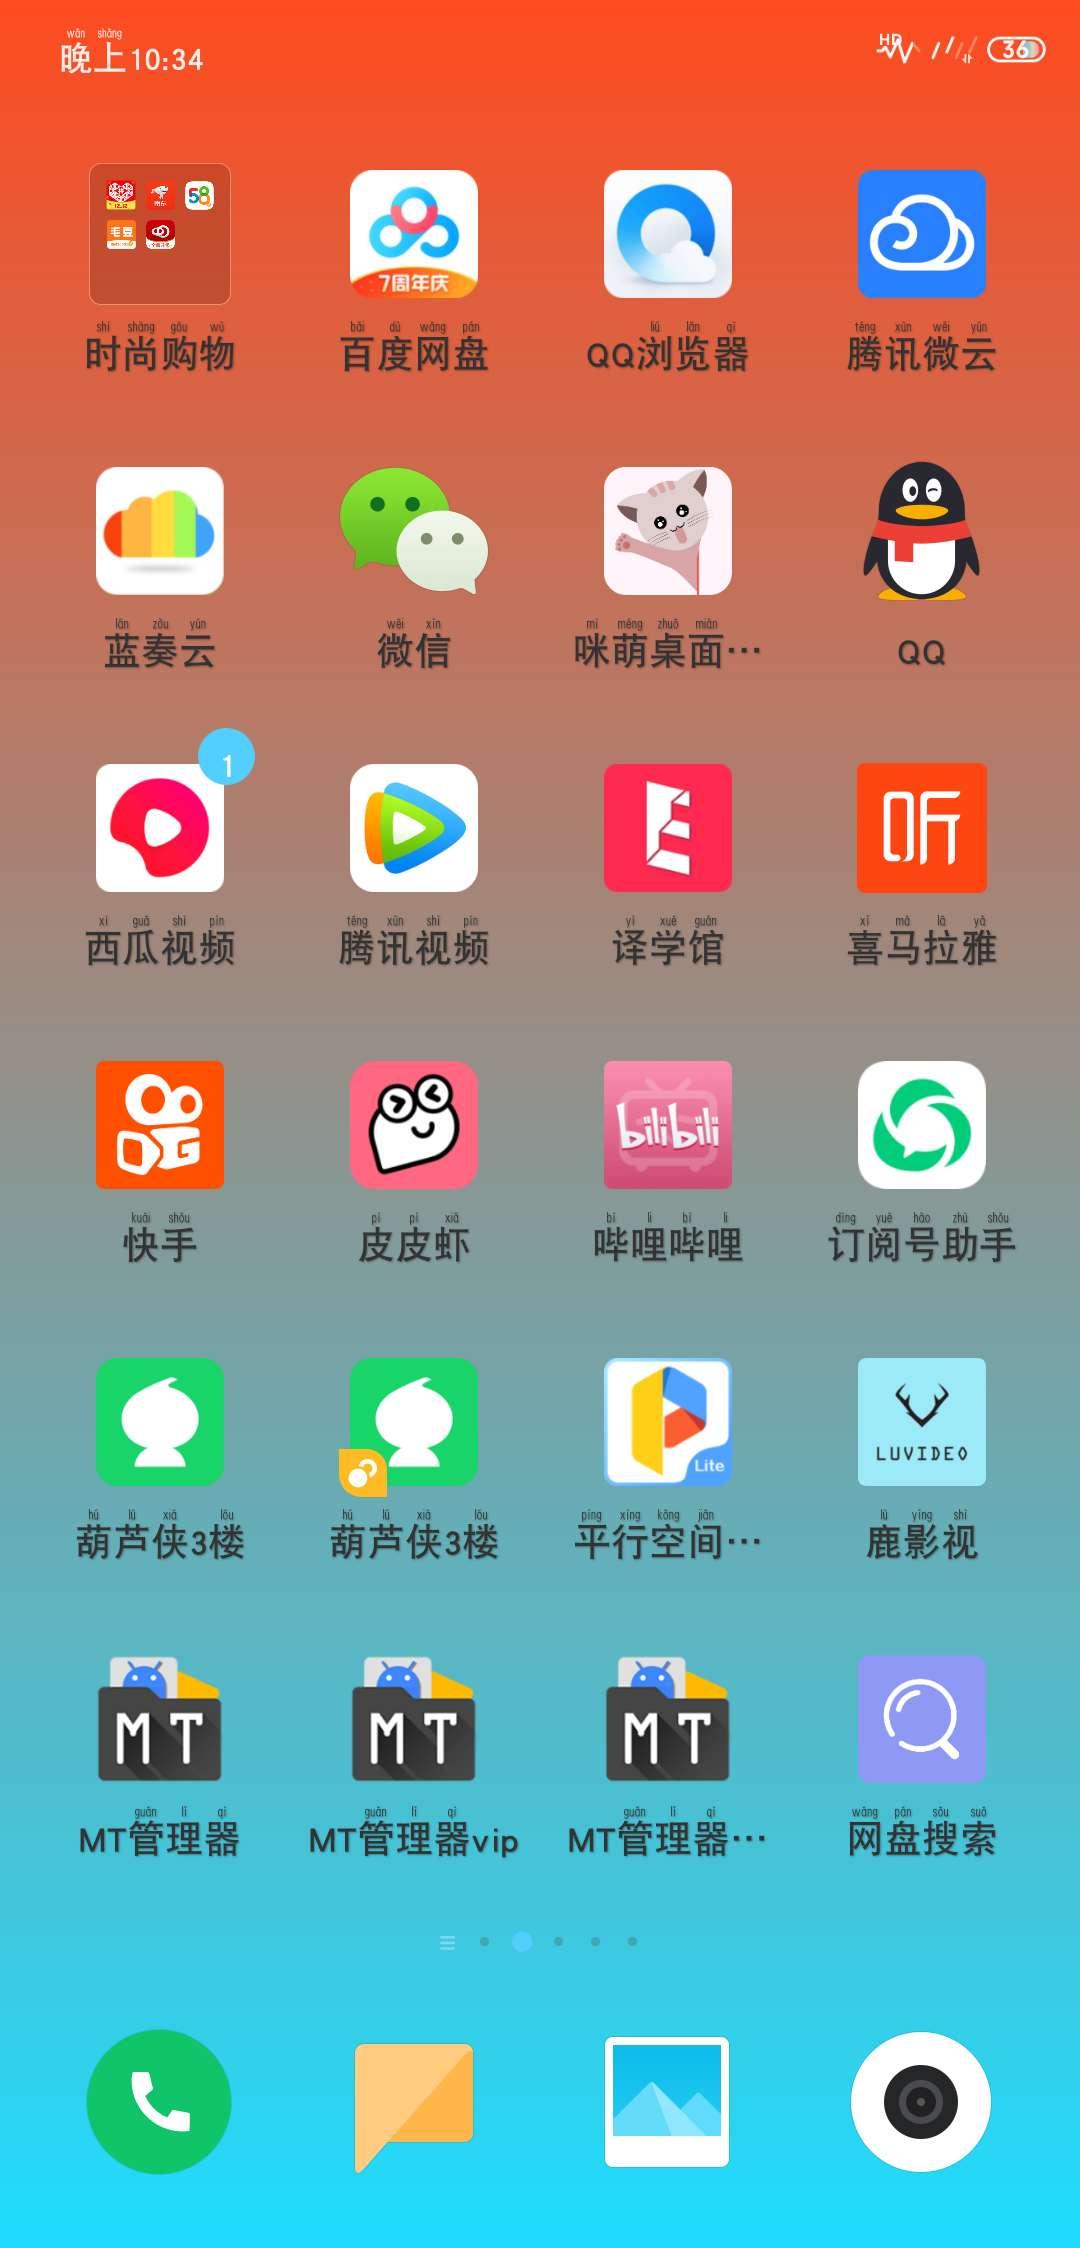 【分享】颜色壁纸1.1.0纯净的壁纸应用包含纯色和渐变色两种壁纸-爱小助